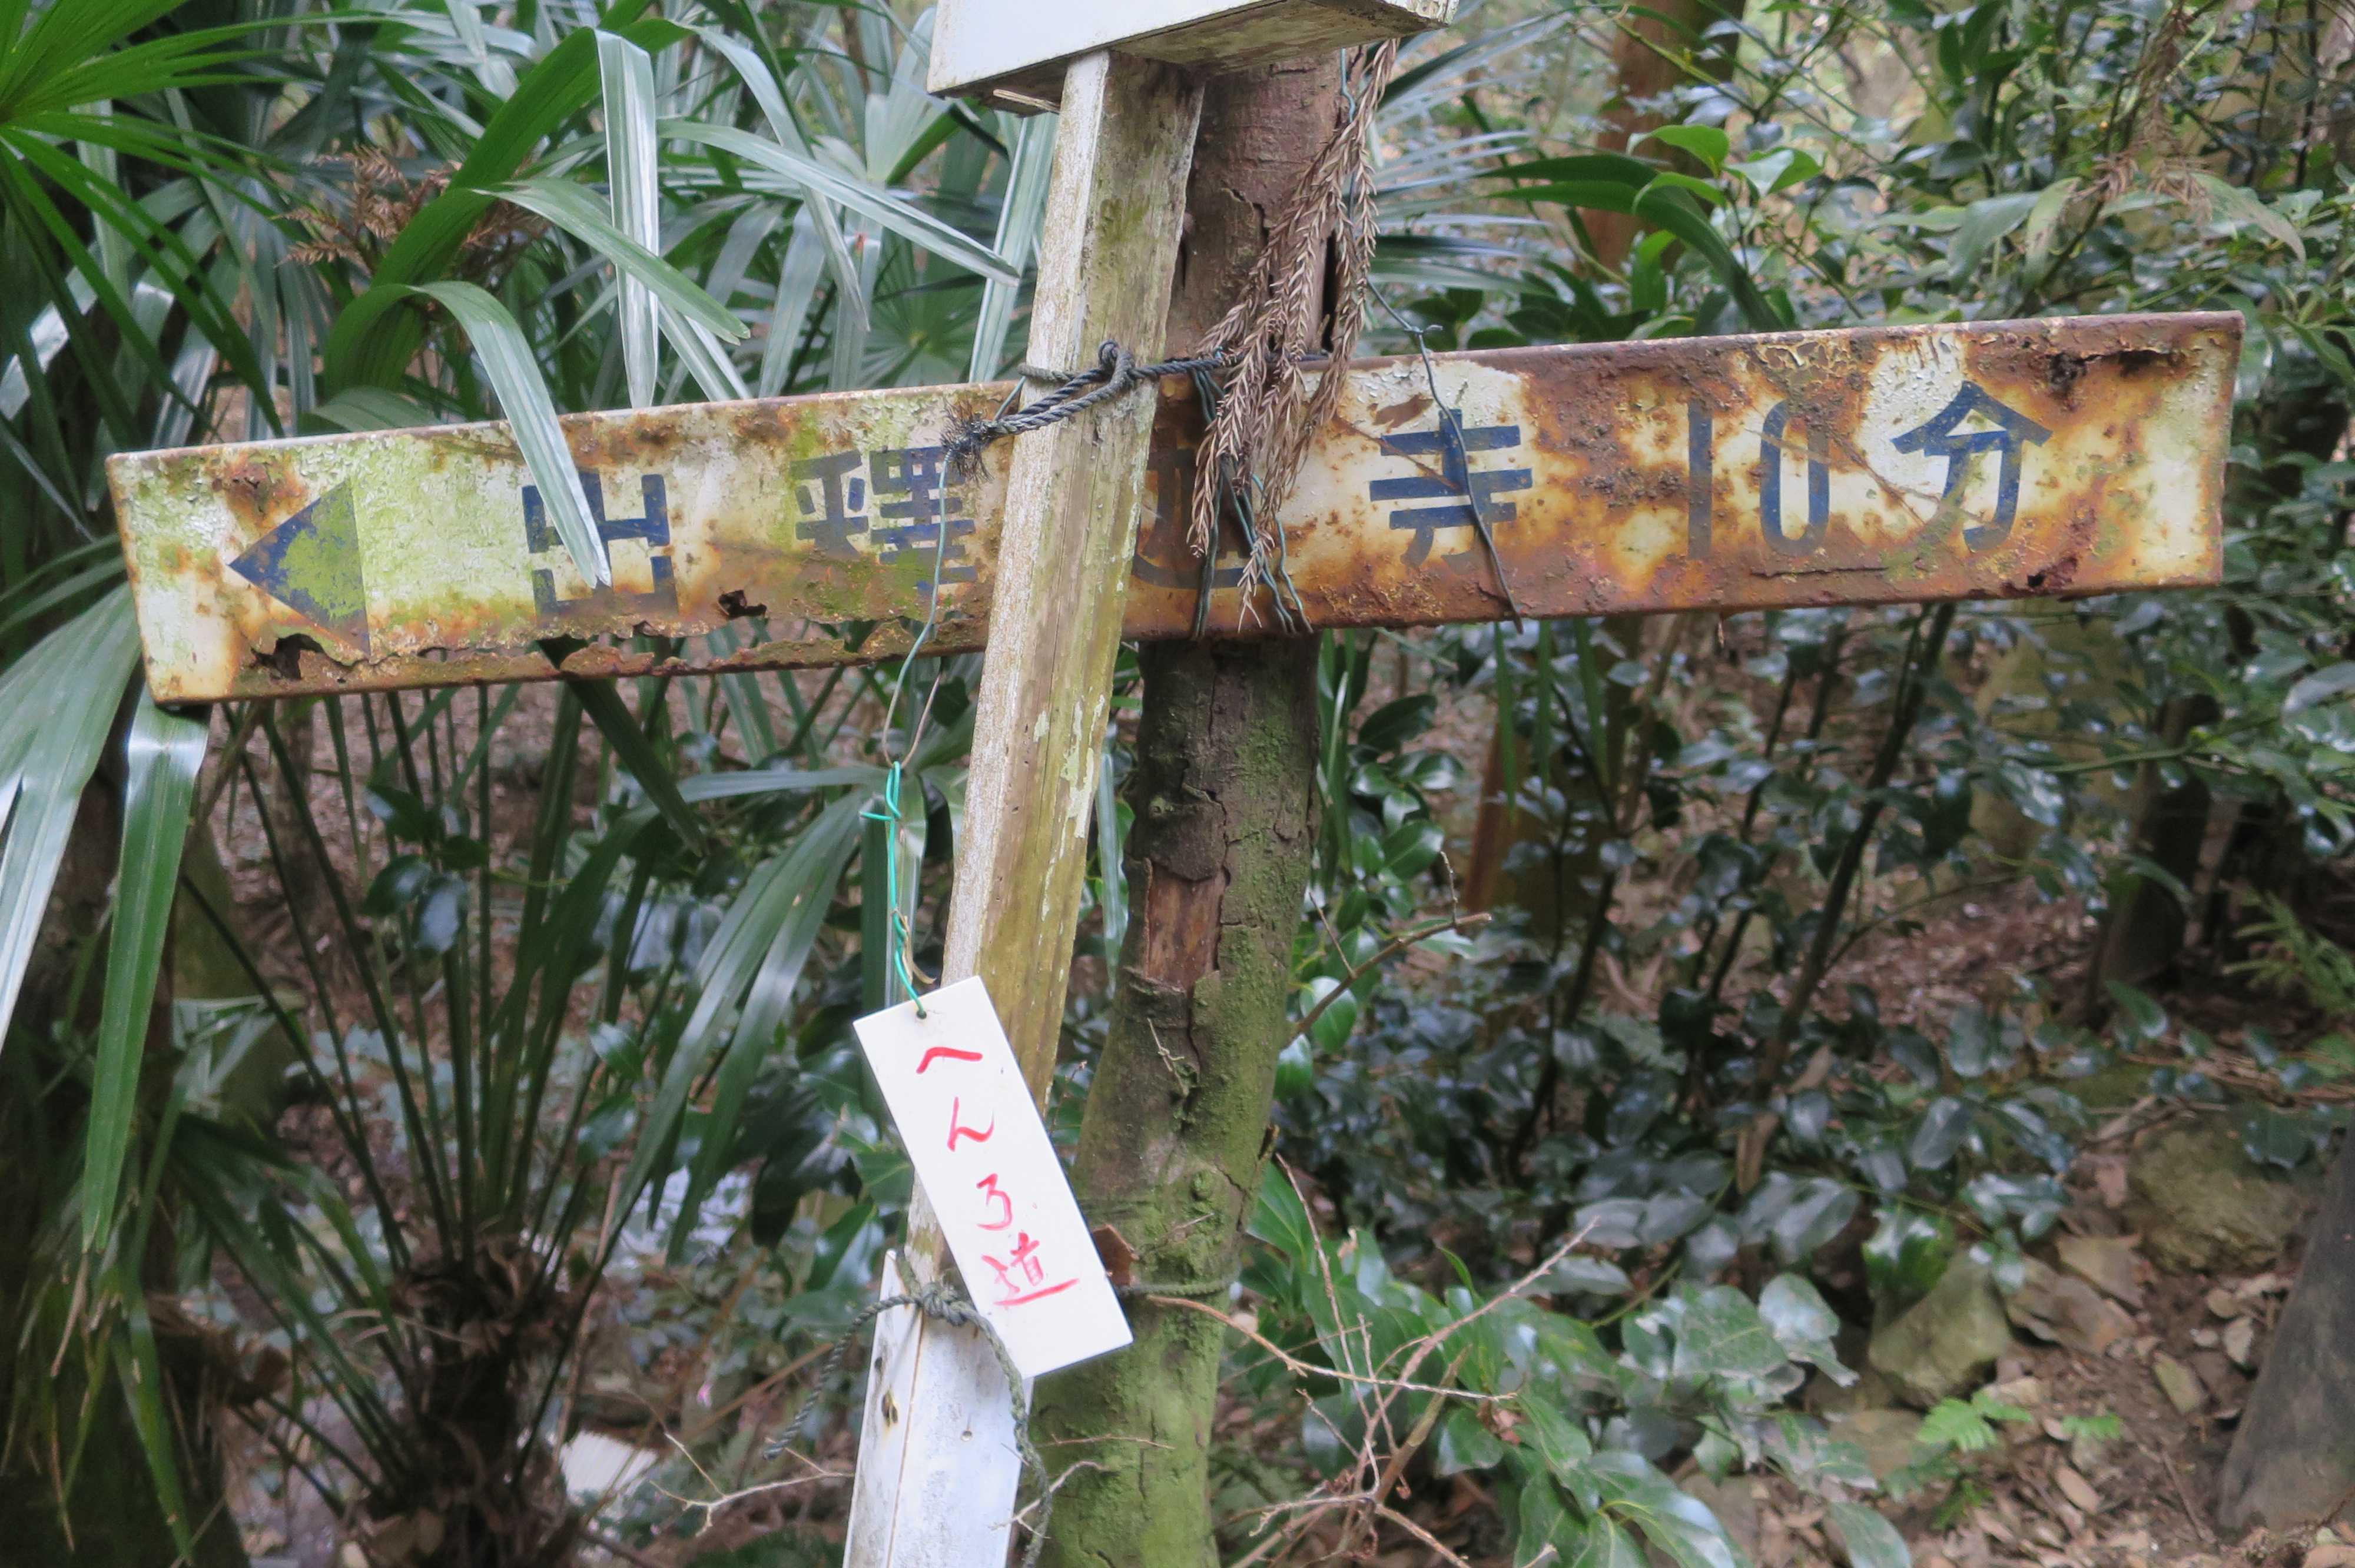 出釋迦寺 10分(へんろ道)の道標 - 奥の院捨身ヶ嶽禅定